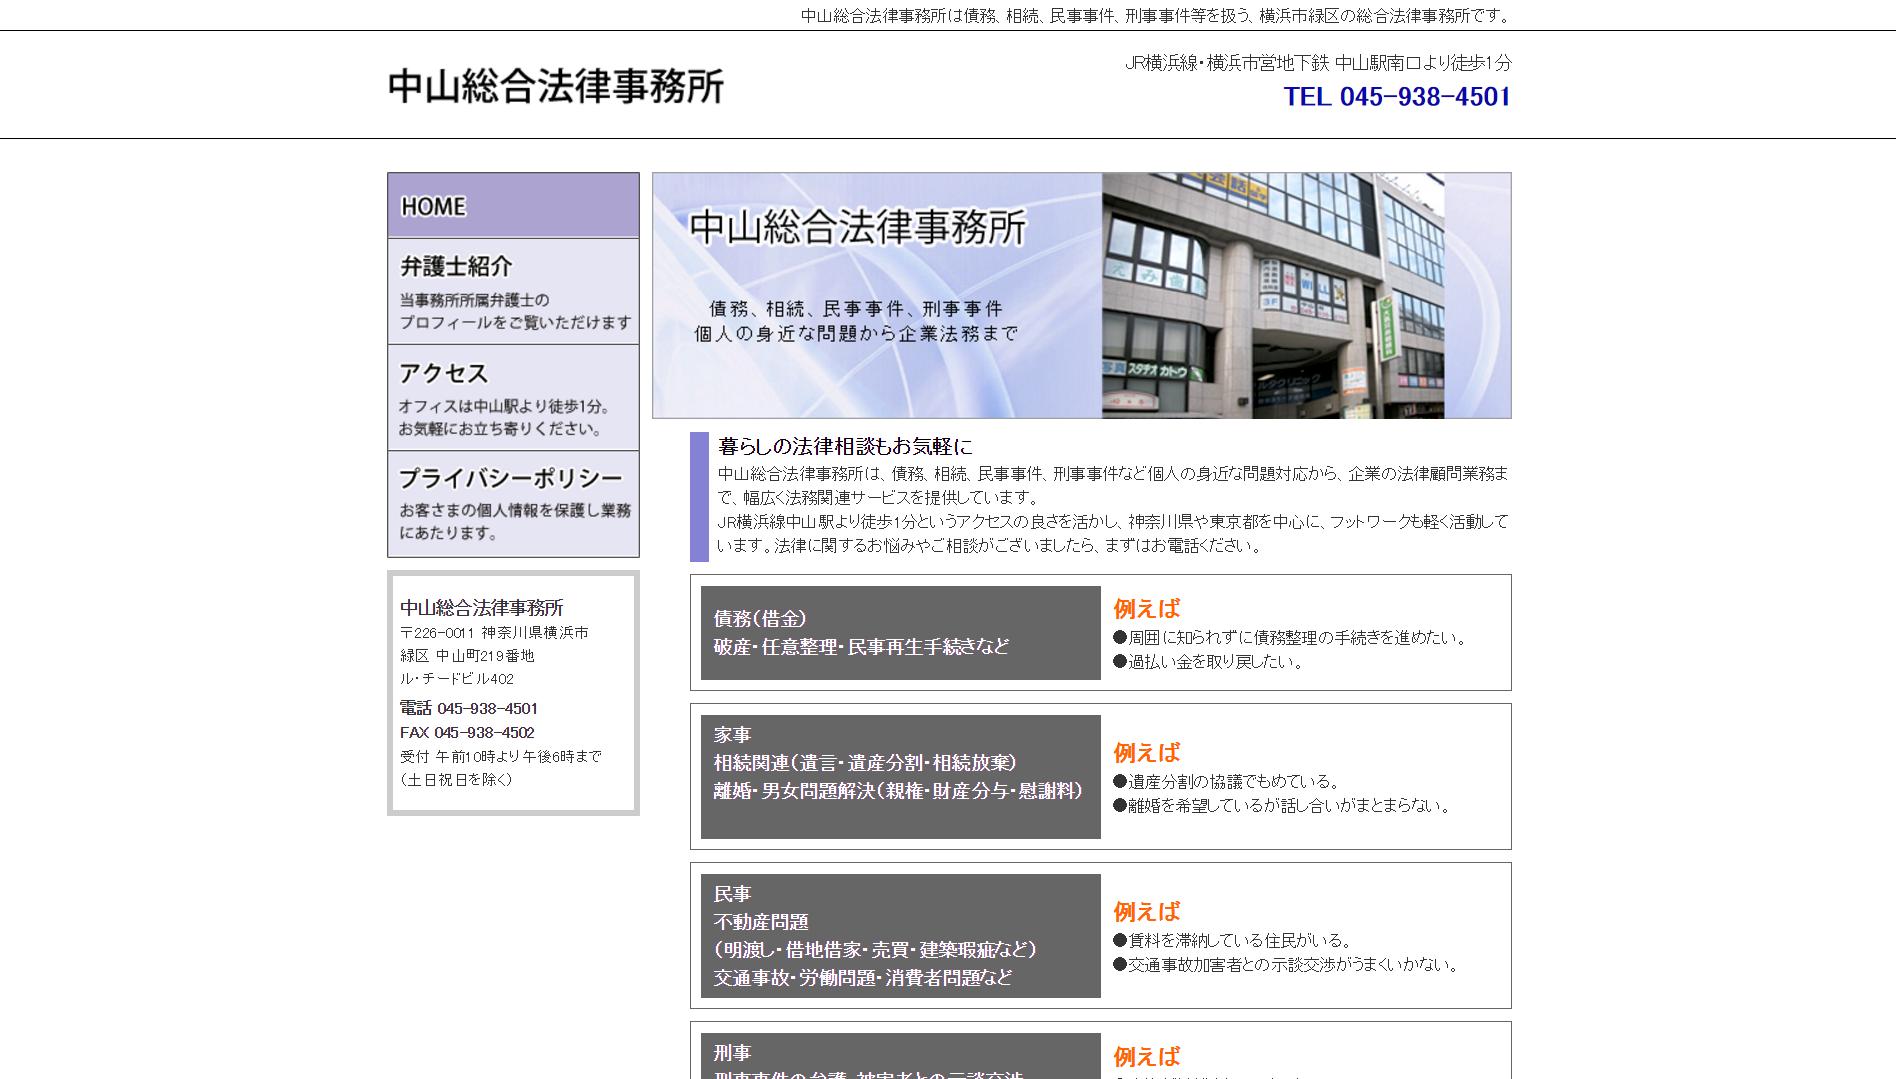 中山総合法律事務所(神奈川県横浜市緑区)